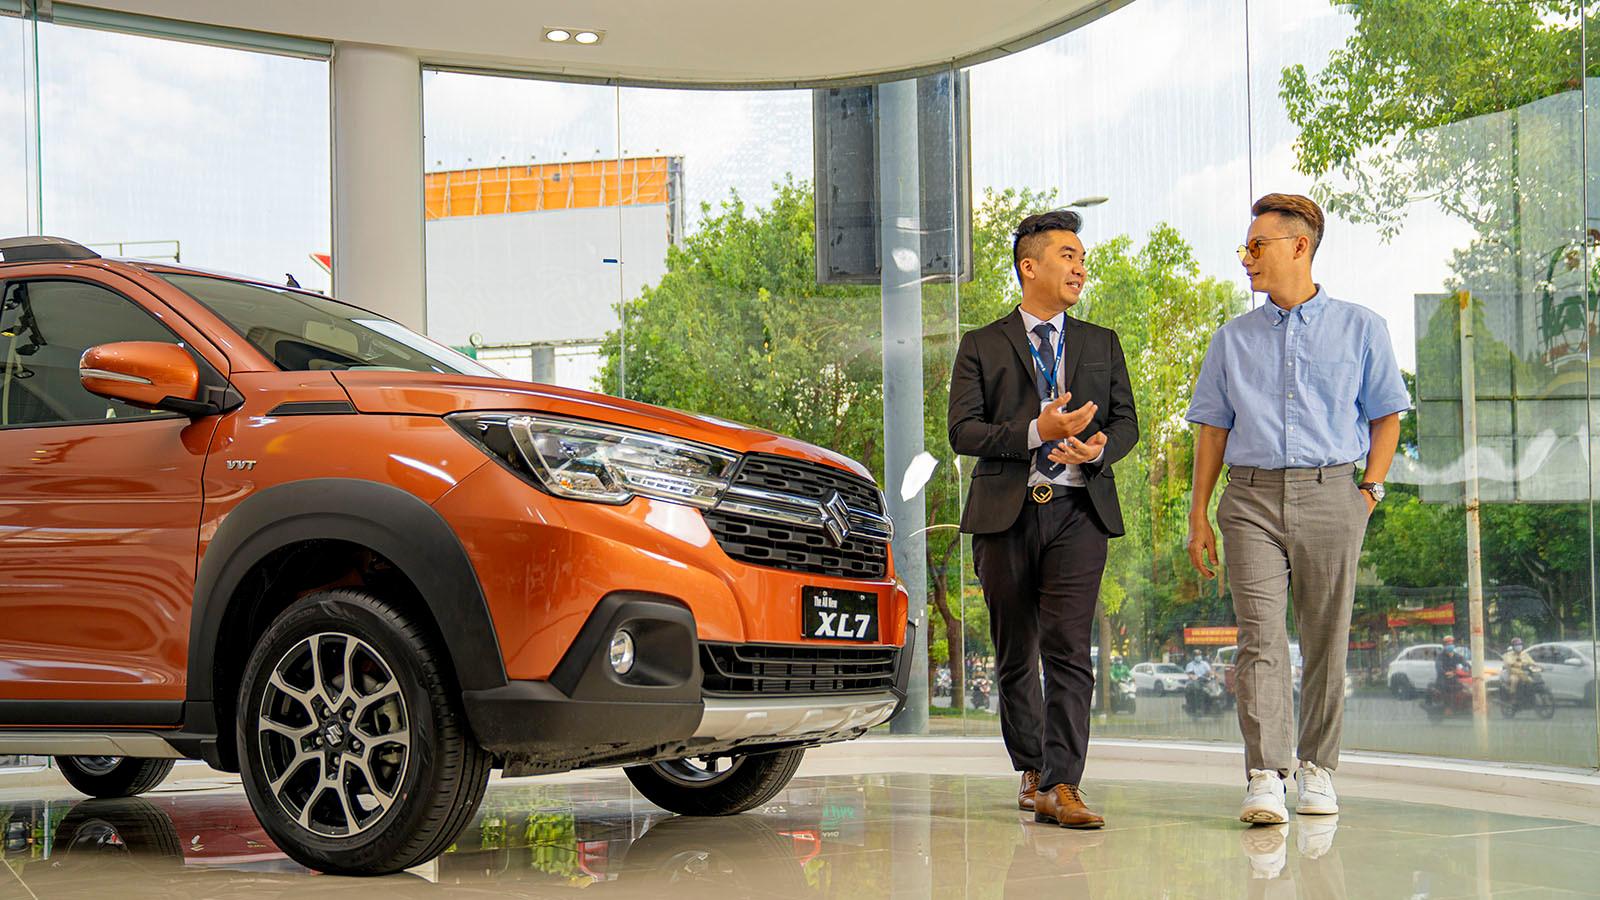 Suzuki liên tục mở rộng hệ thống phân phối và hiện đã có 38 đại lý trên toàn quốc